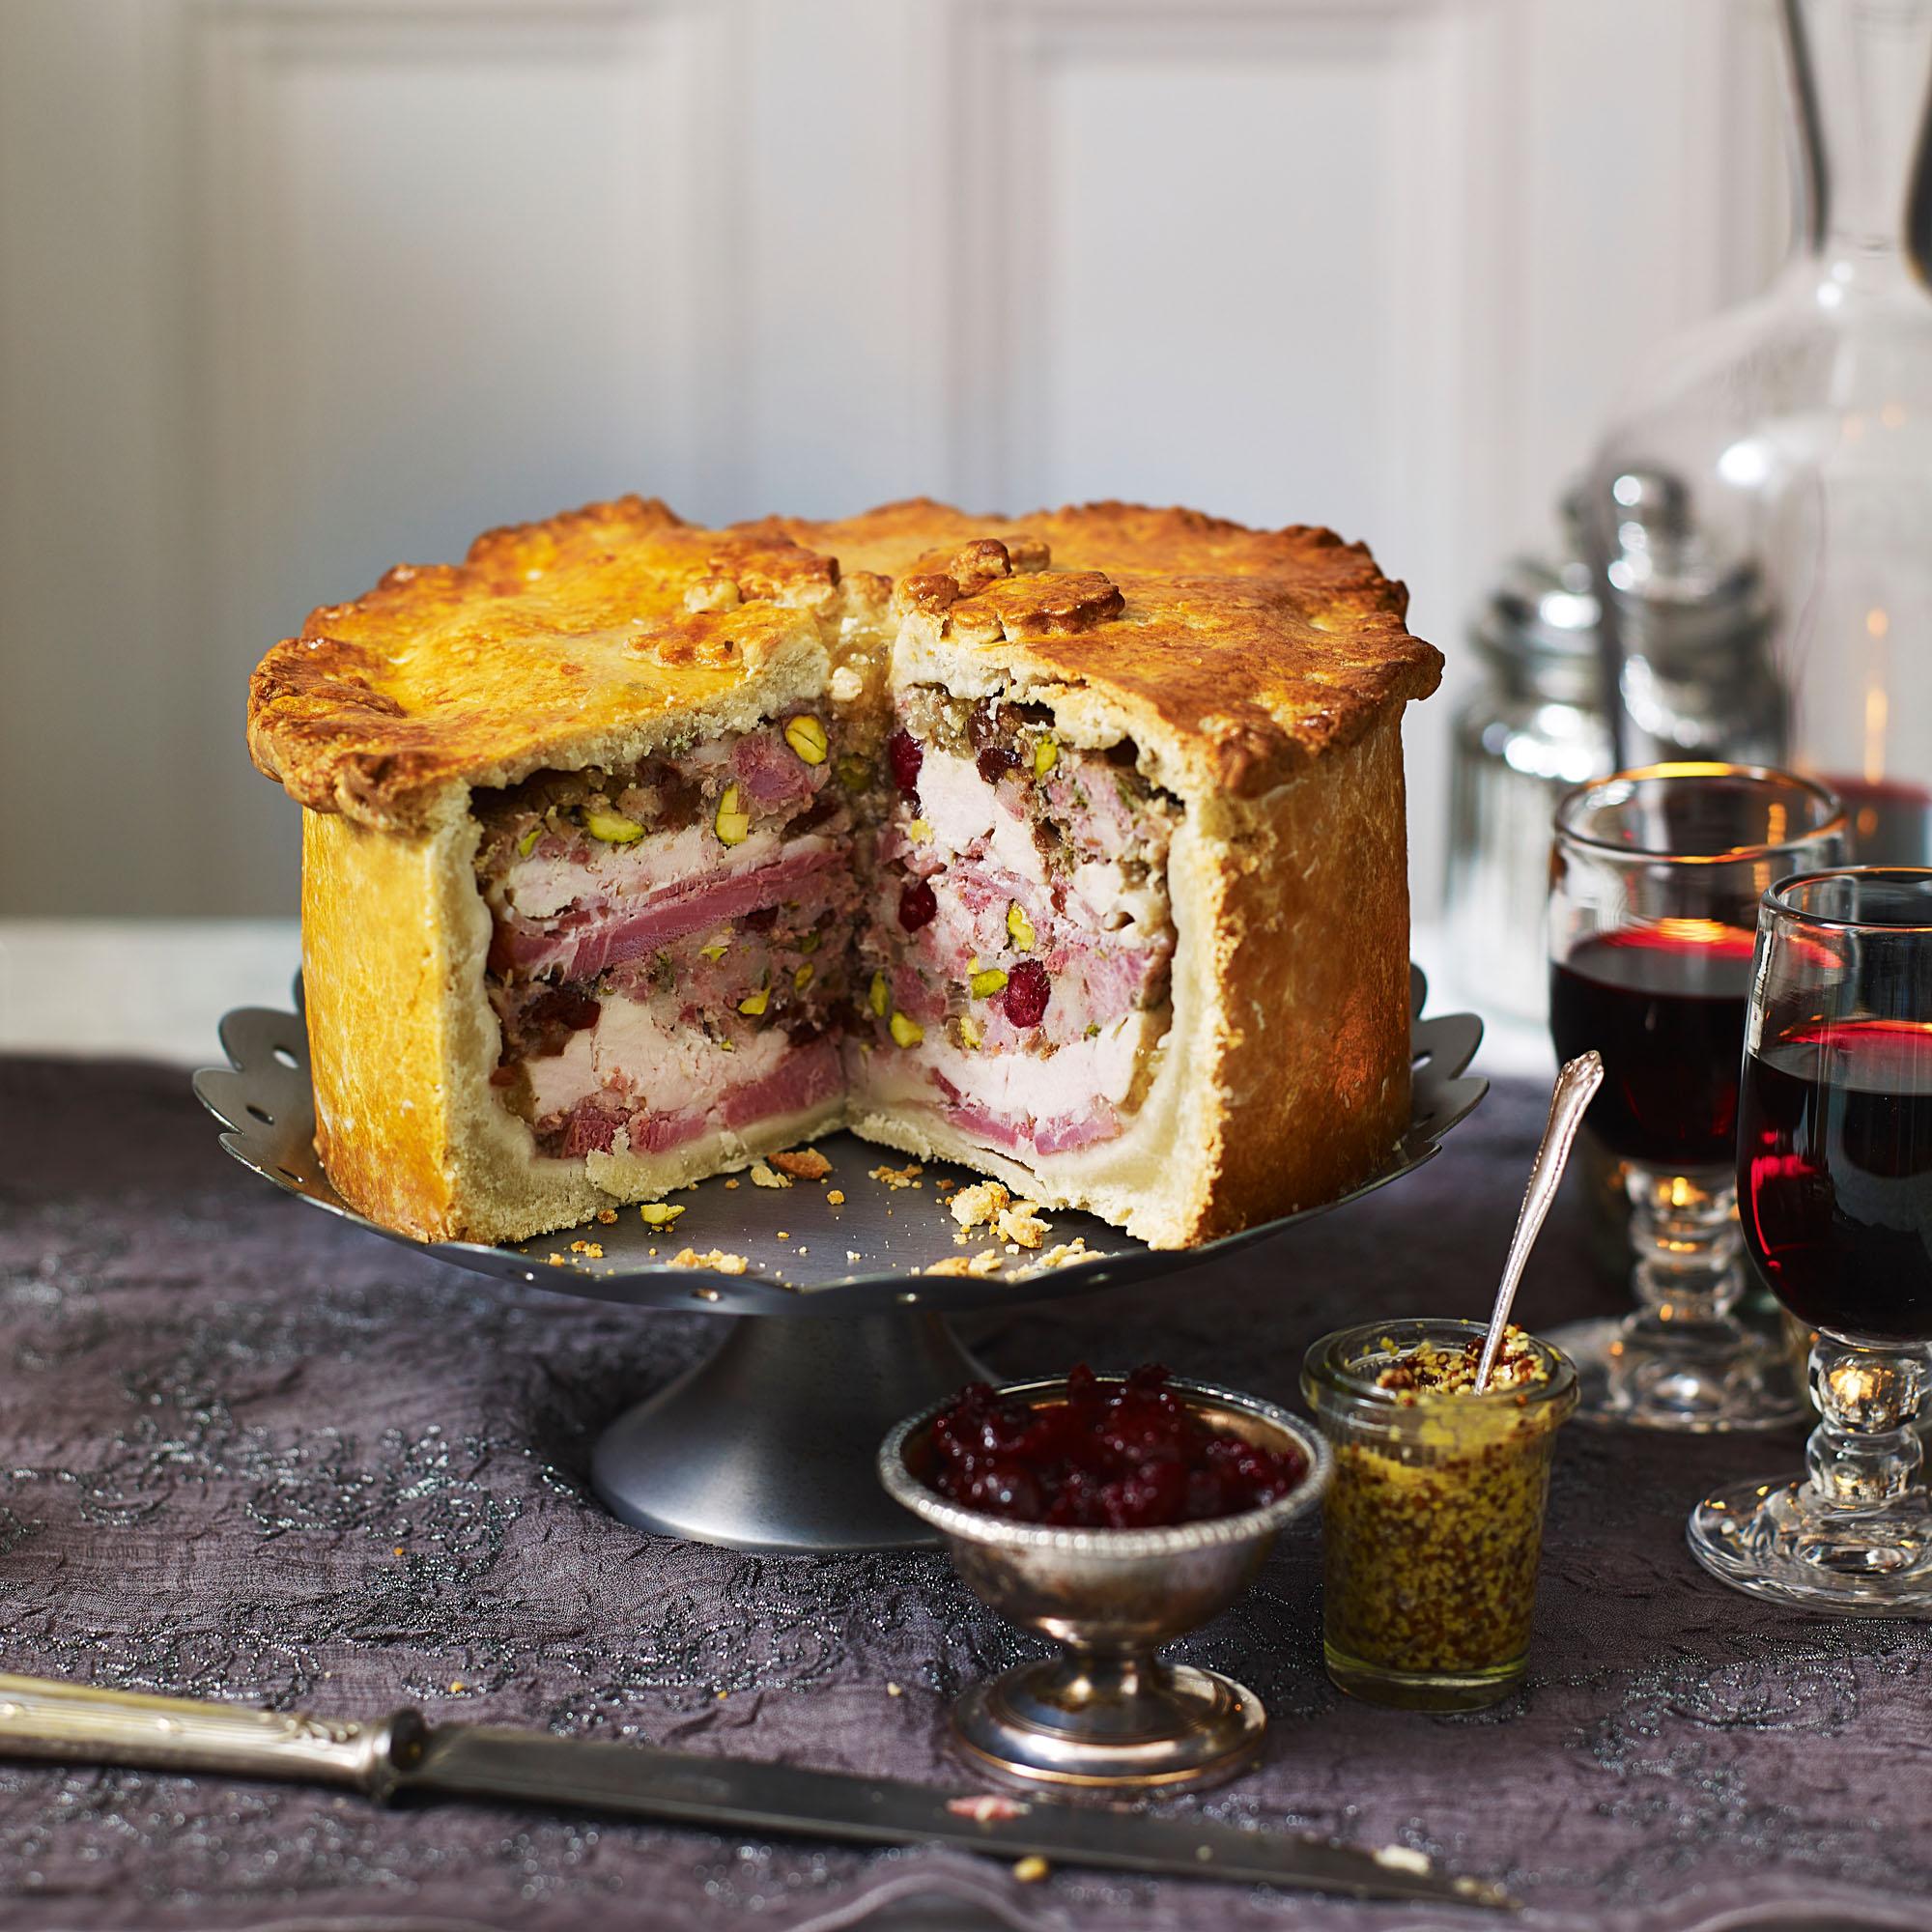 Hot Water Crust Pastry Hand Raised Chicken And Ham Pie